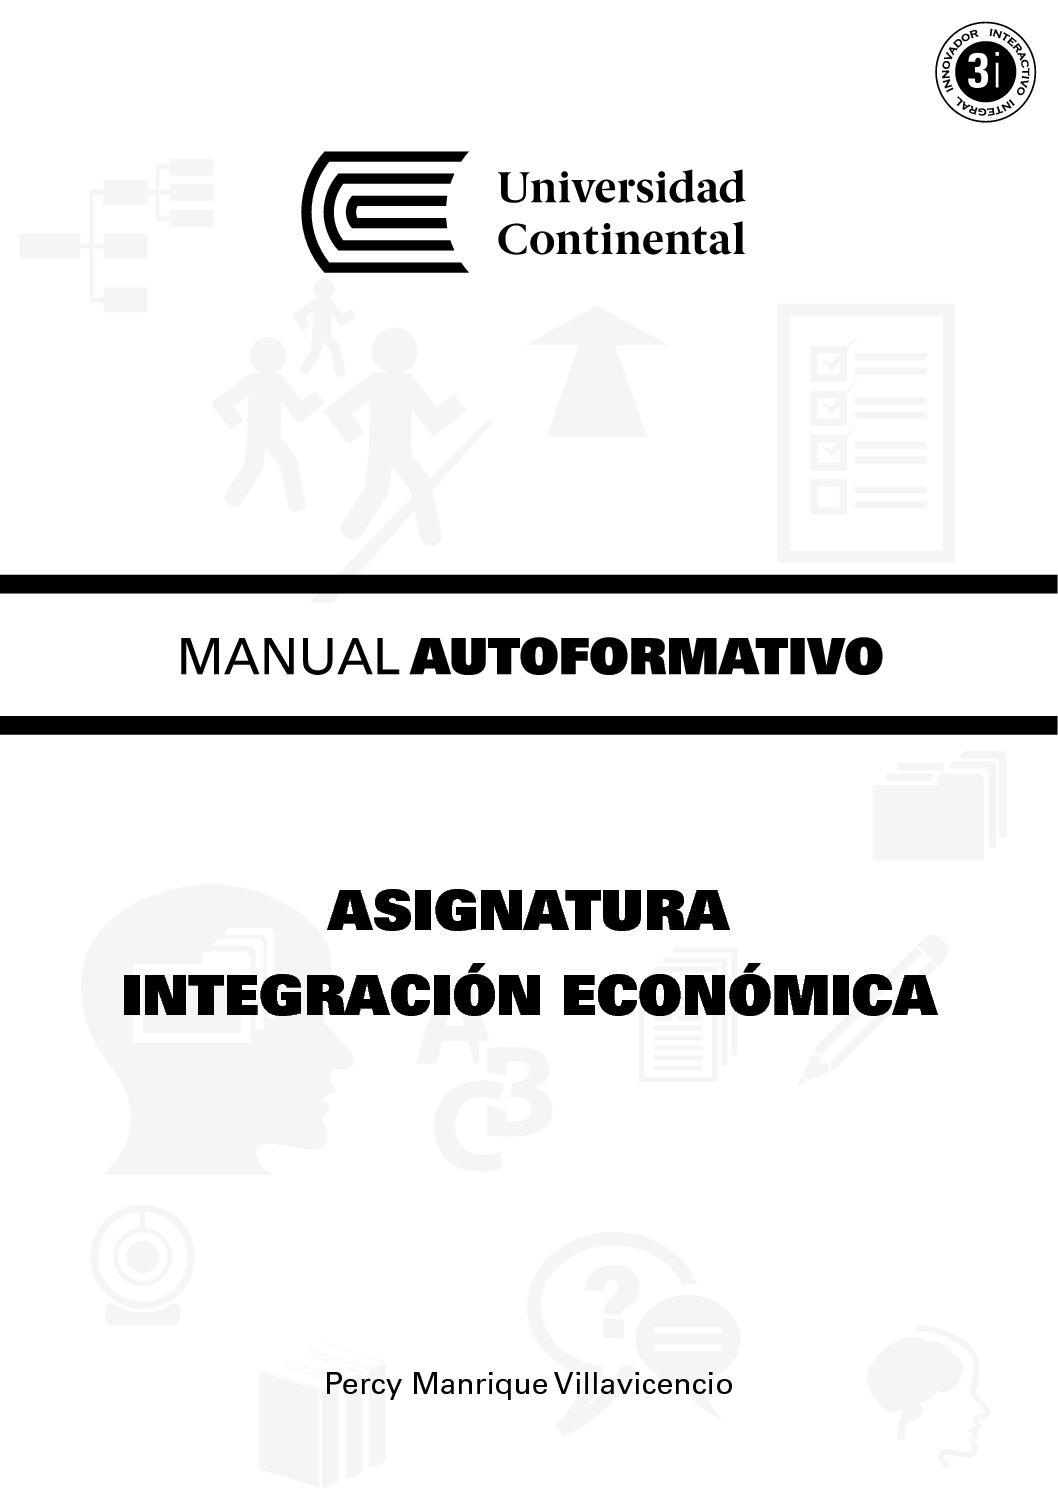 Calaméo - Integración Económica A0260 Ok